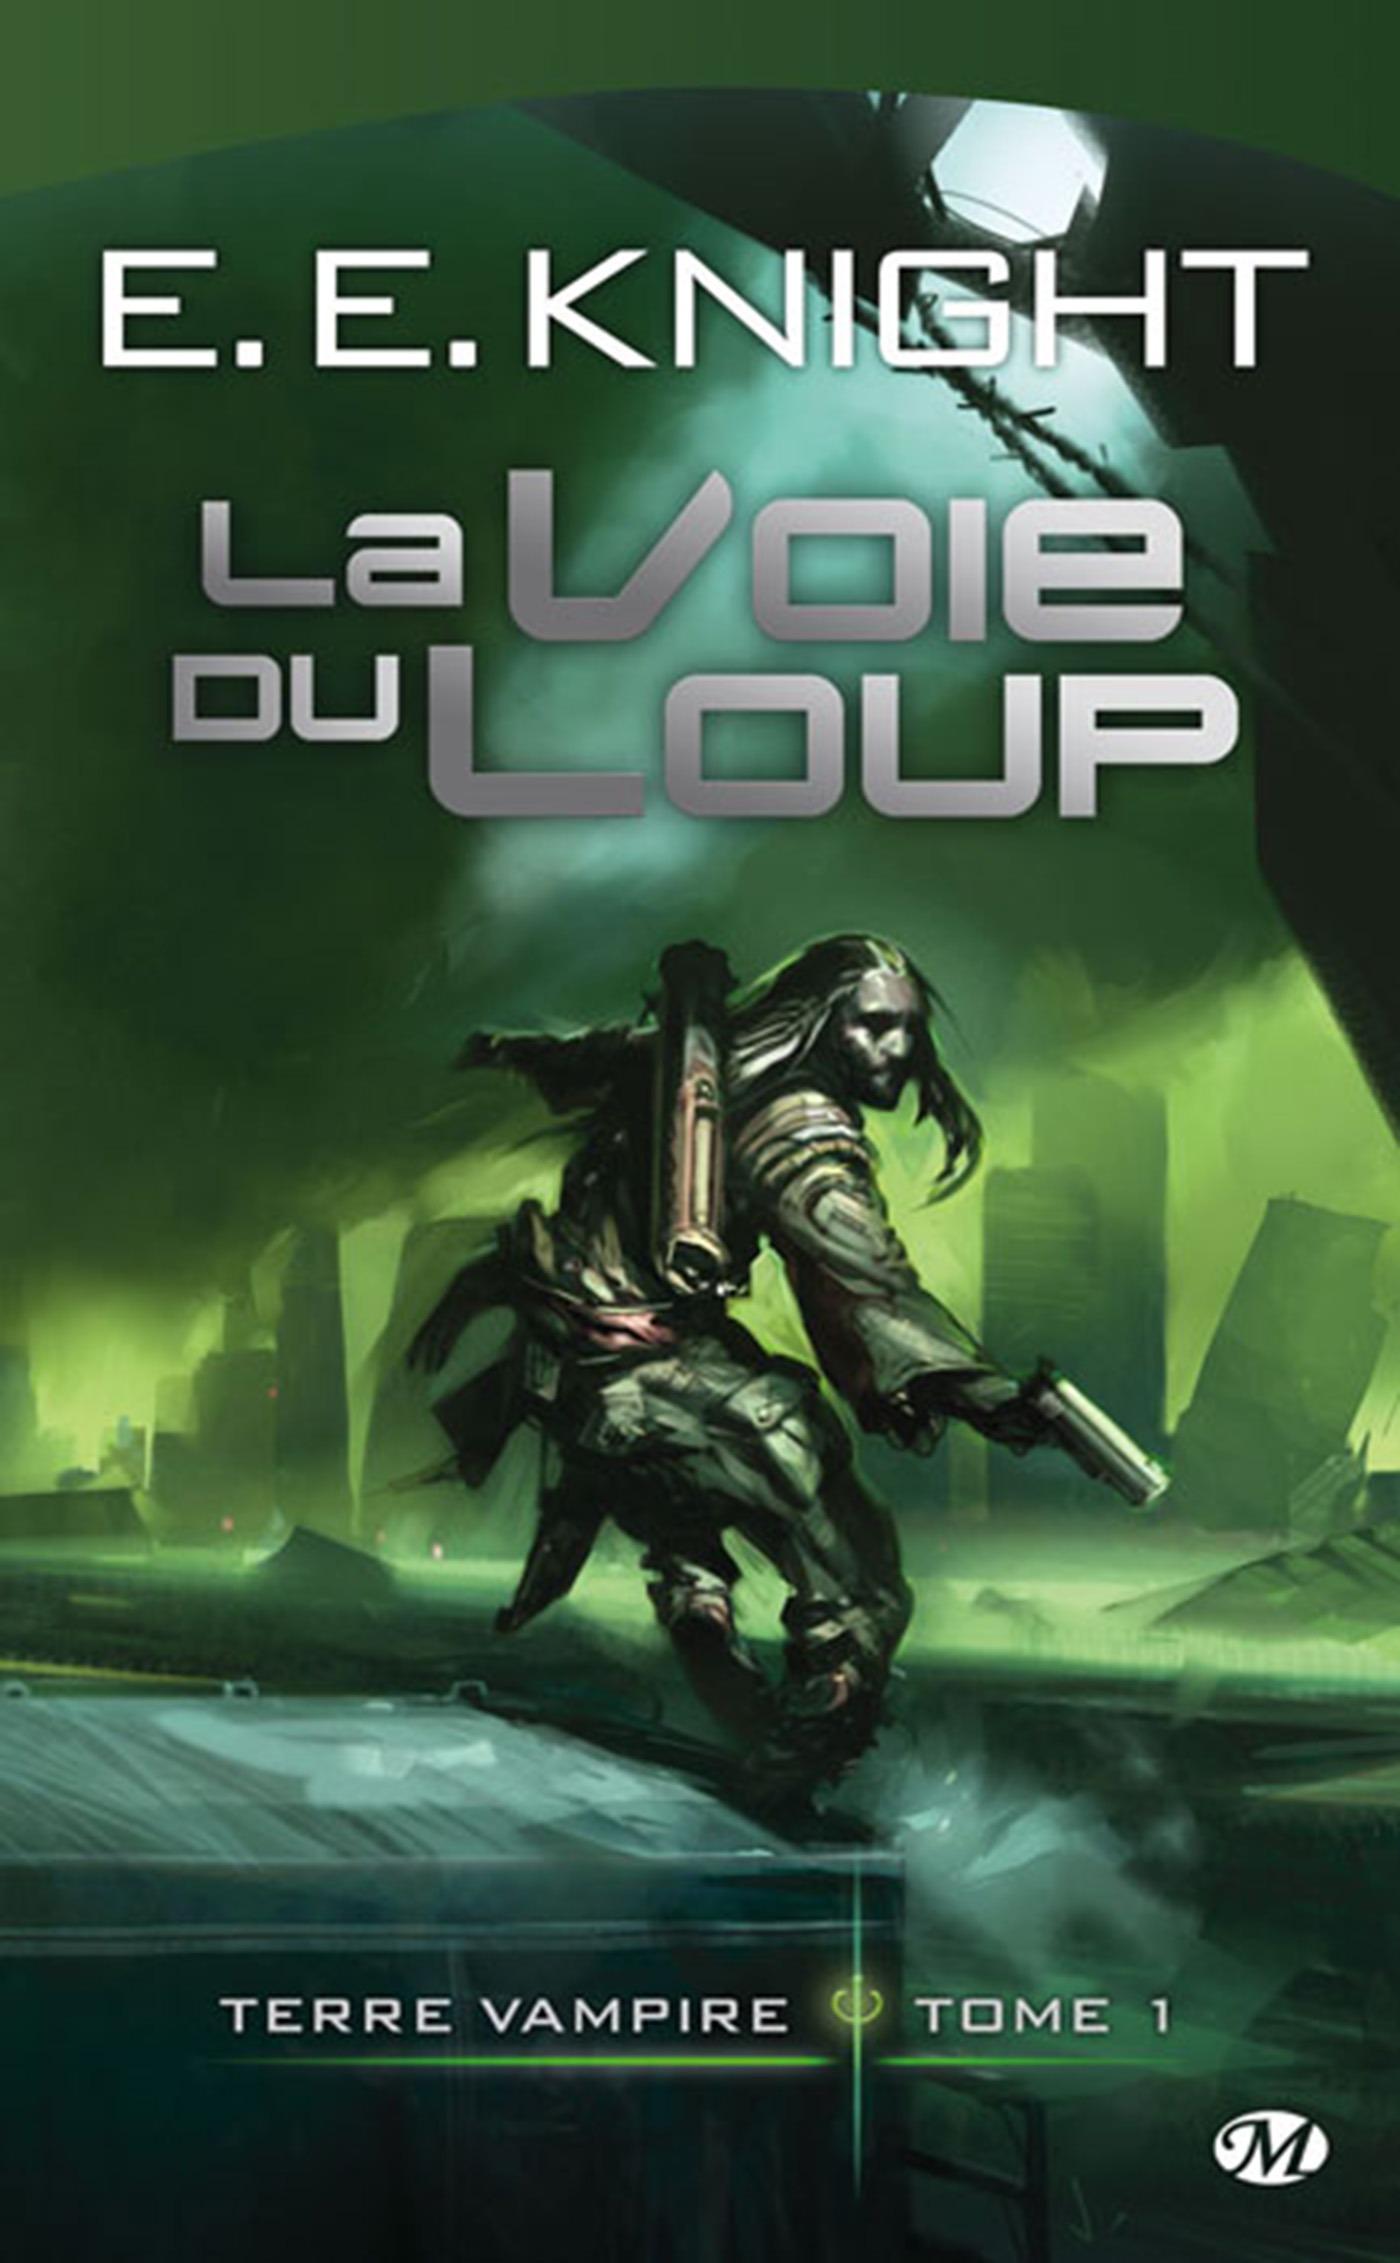 La Voie du Loup, TERRE VAMPIRE, T1